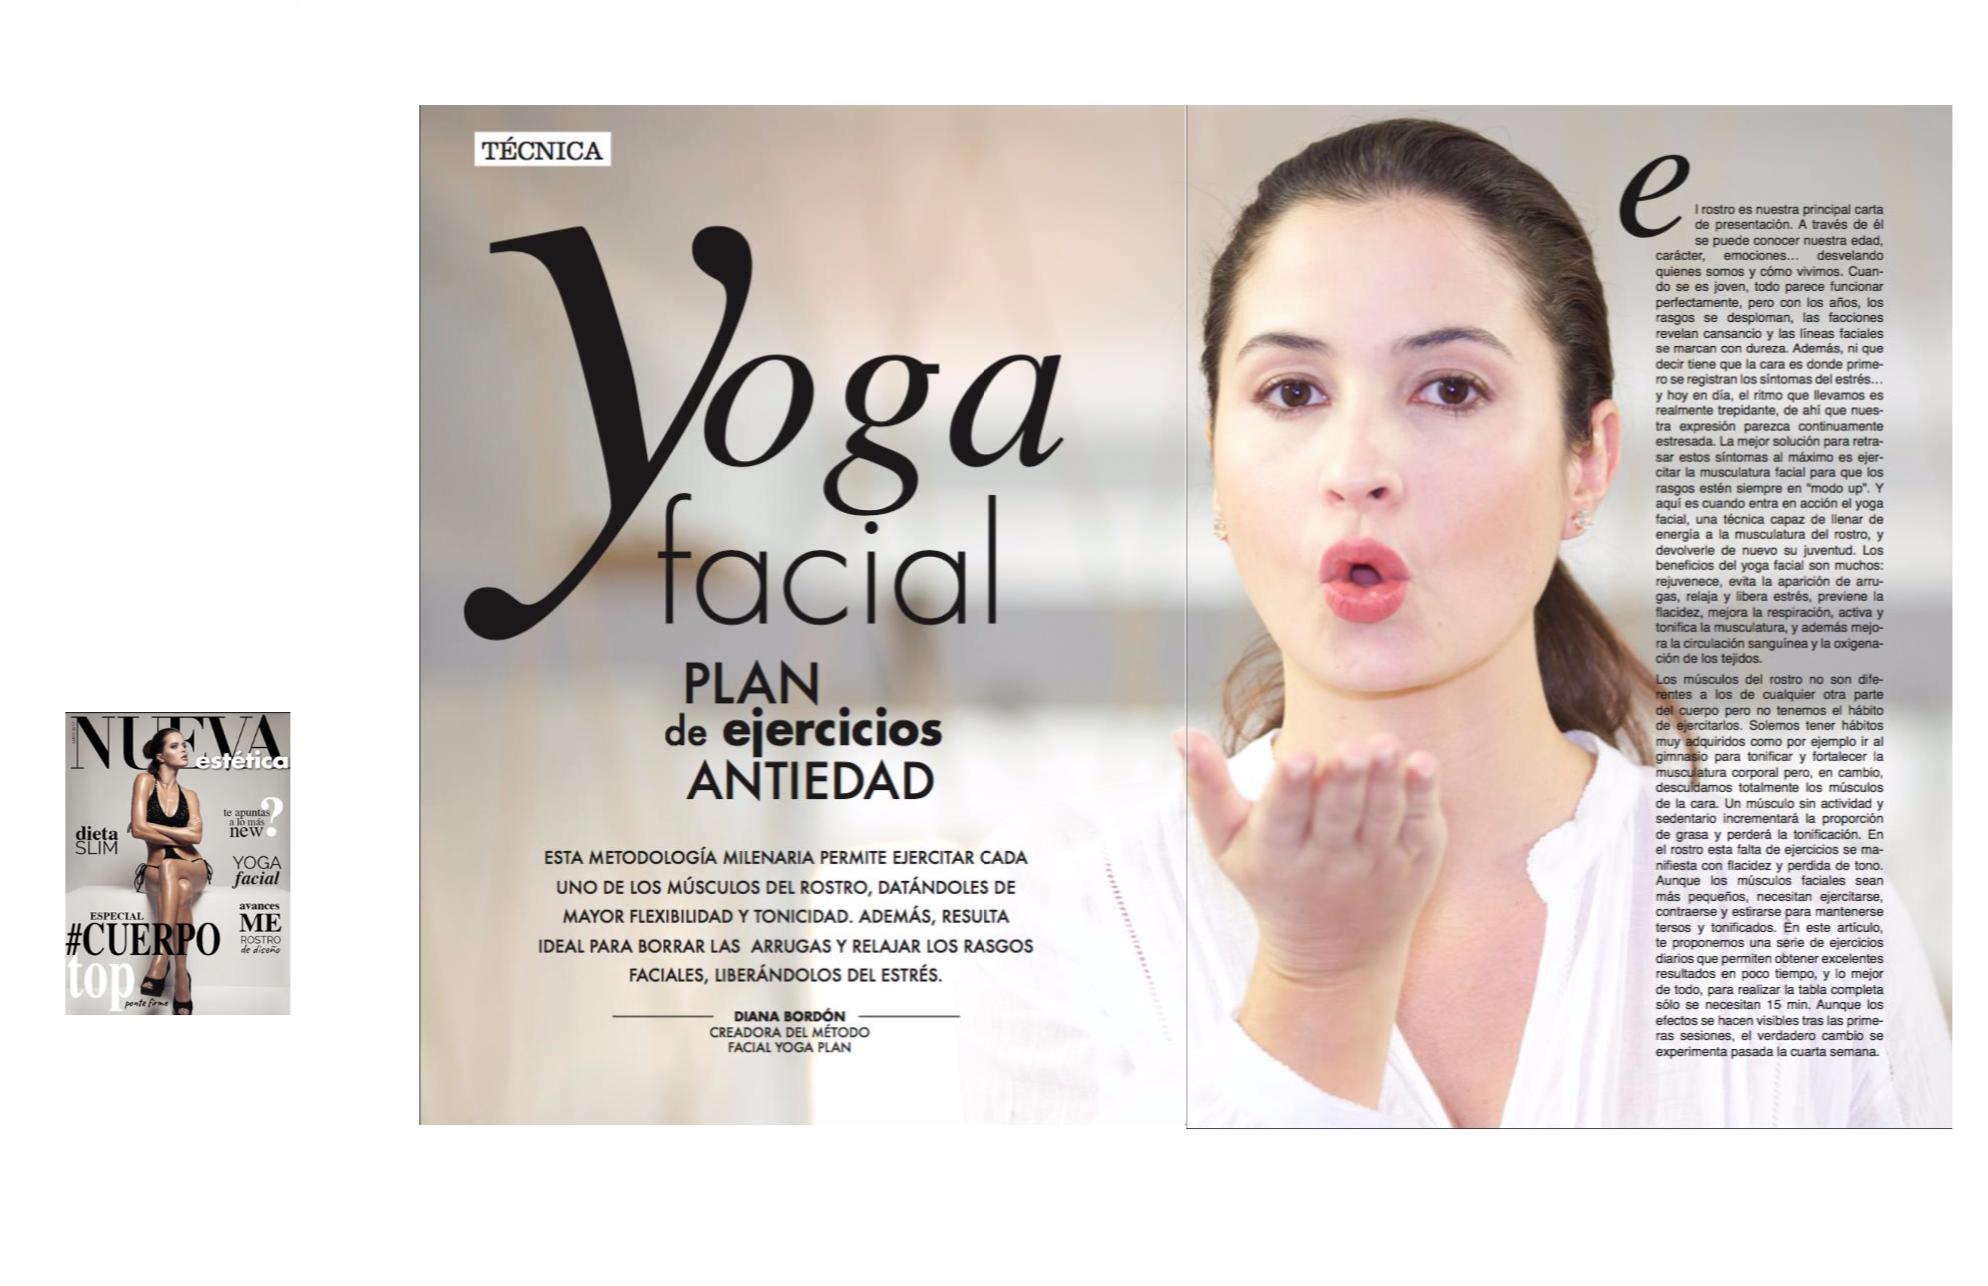 nueva-estetica-yoga-facial.jpg